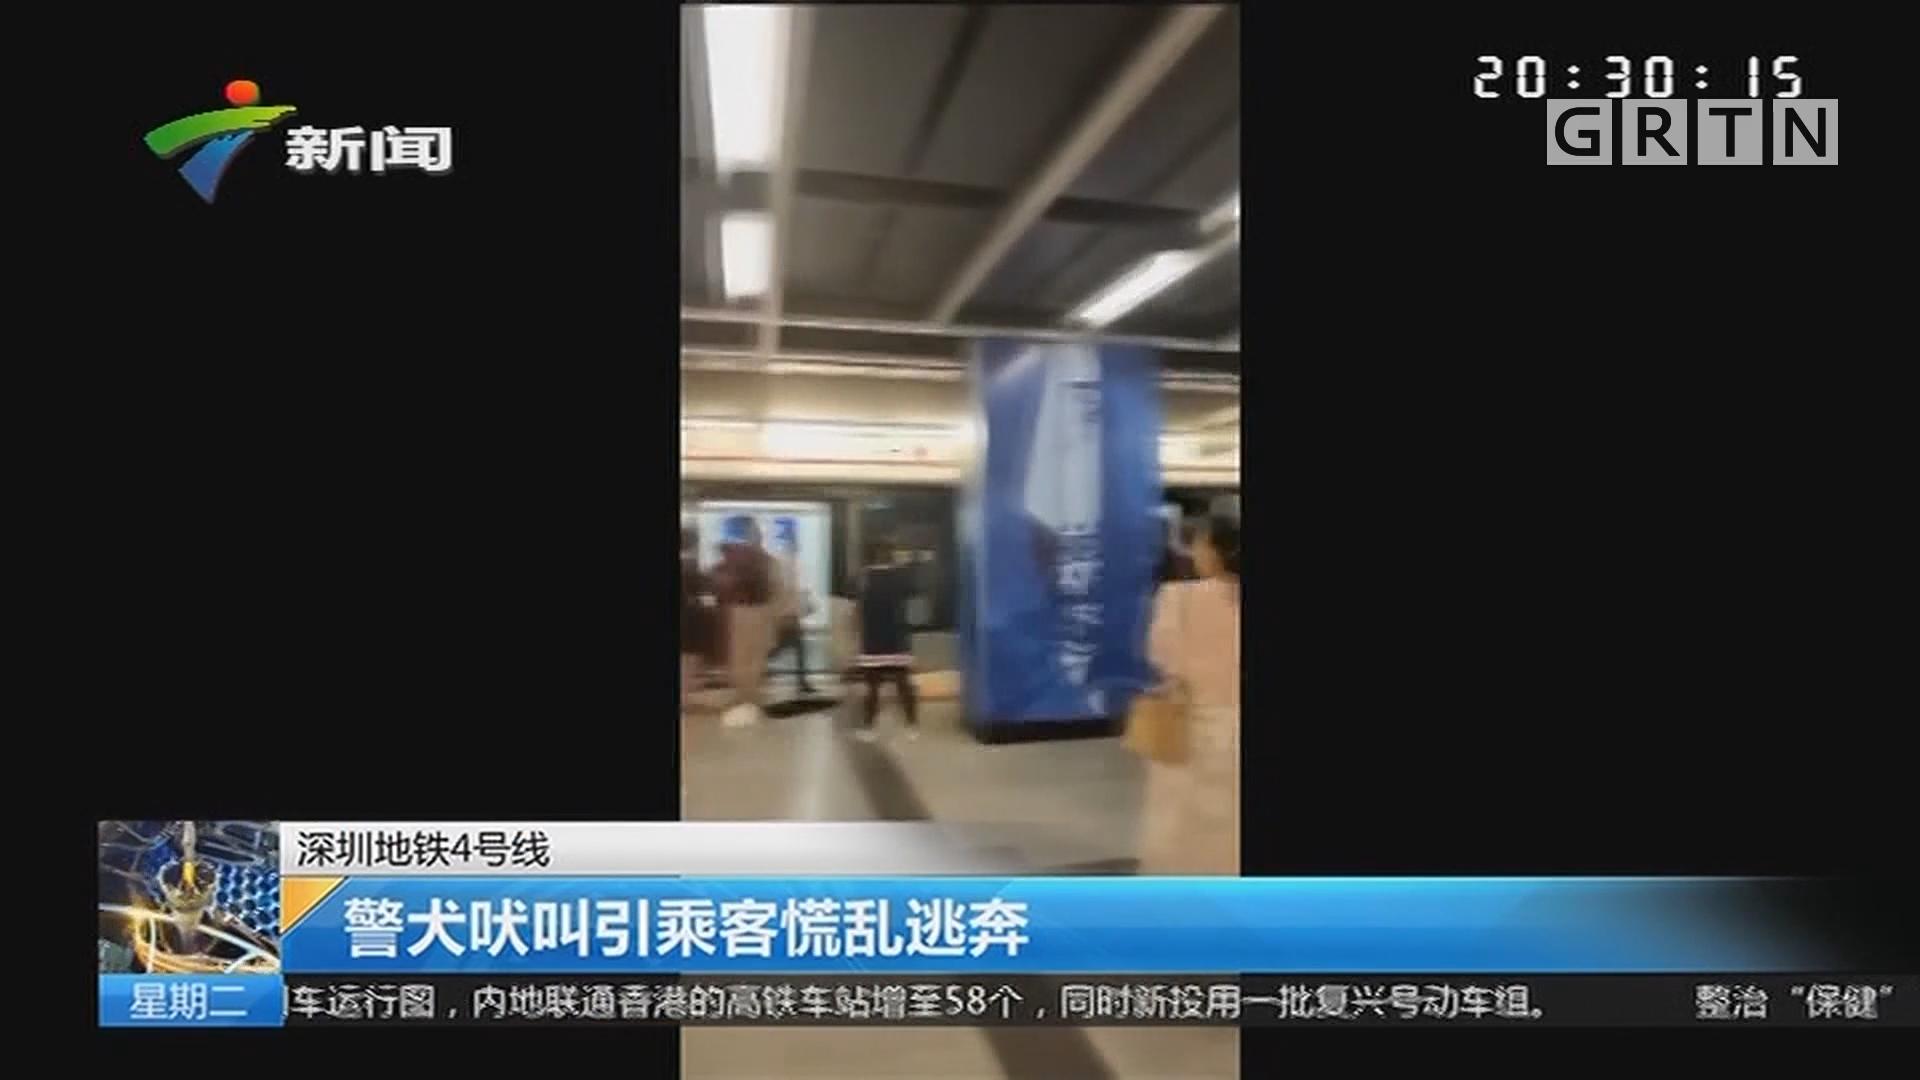 深圳地铁4号线:警犬吠叫引乘客慌乱逃奔